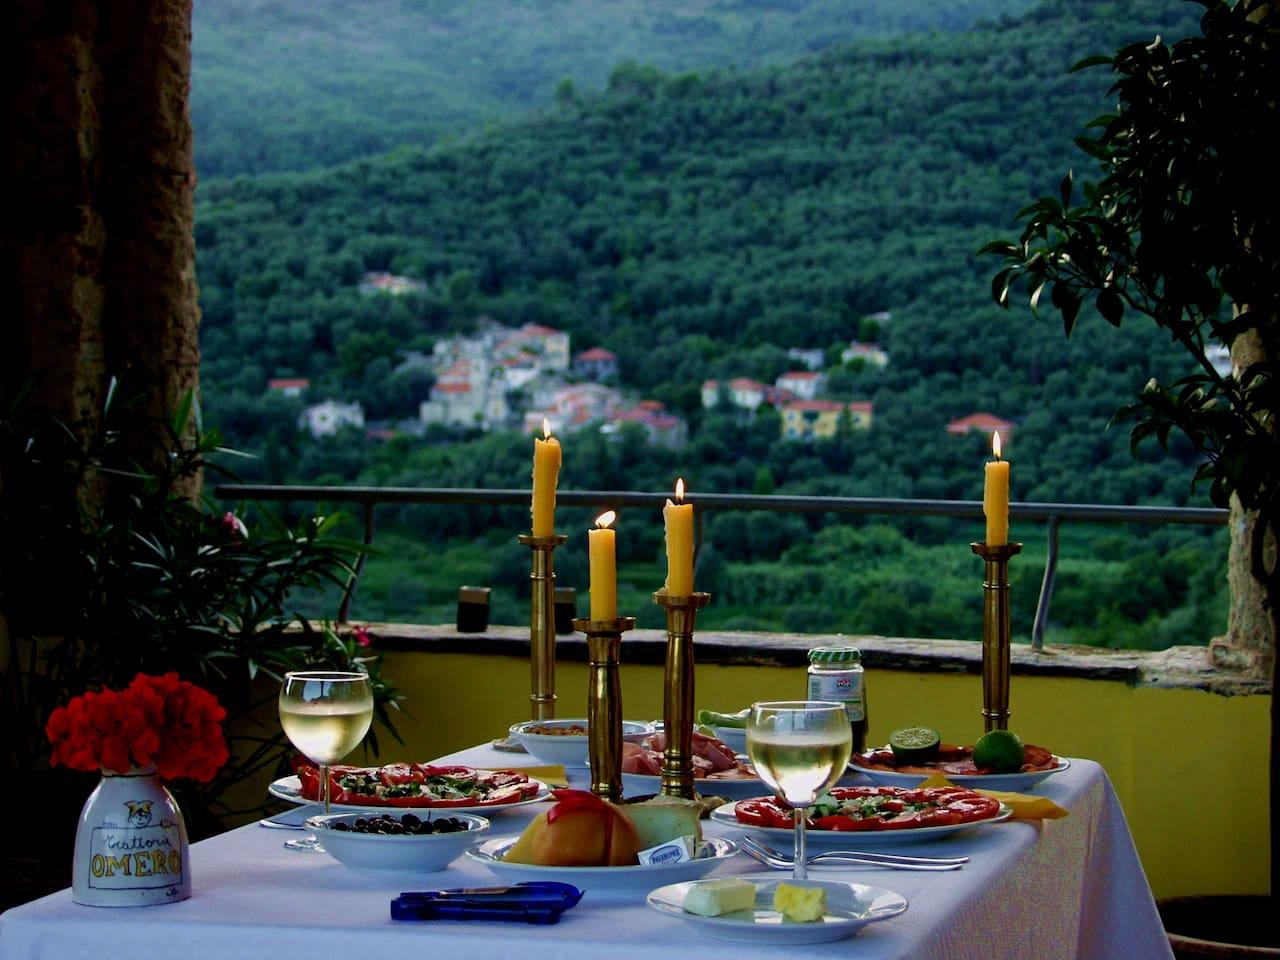 Loggia abends mit Blick auf die Olivenhaine.